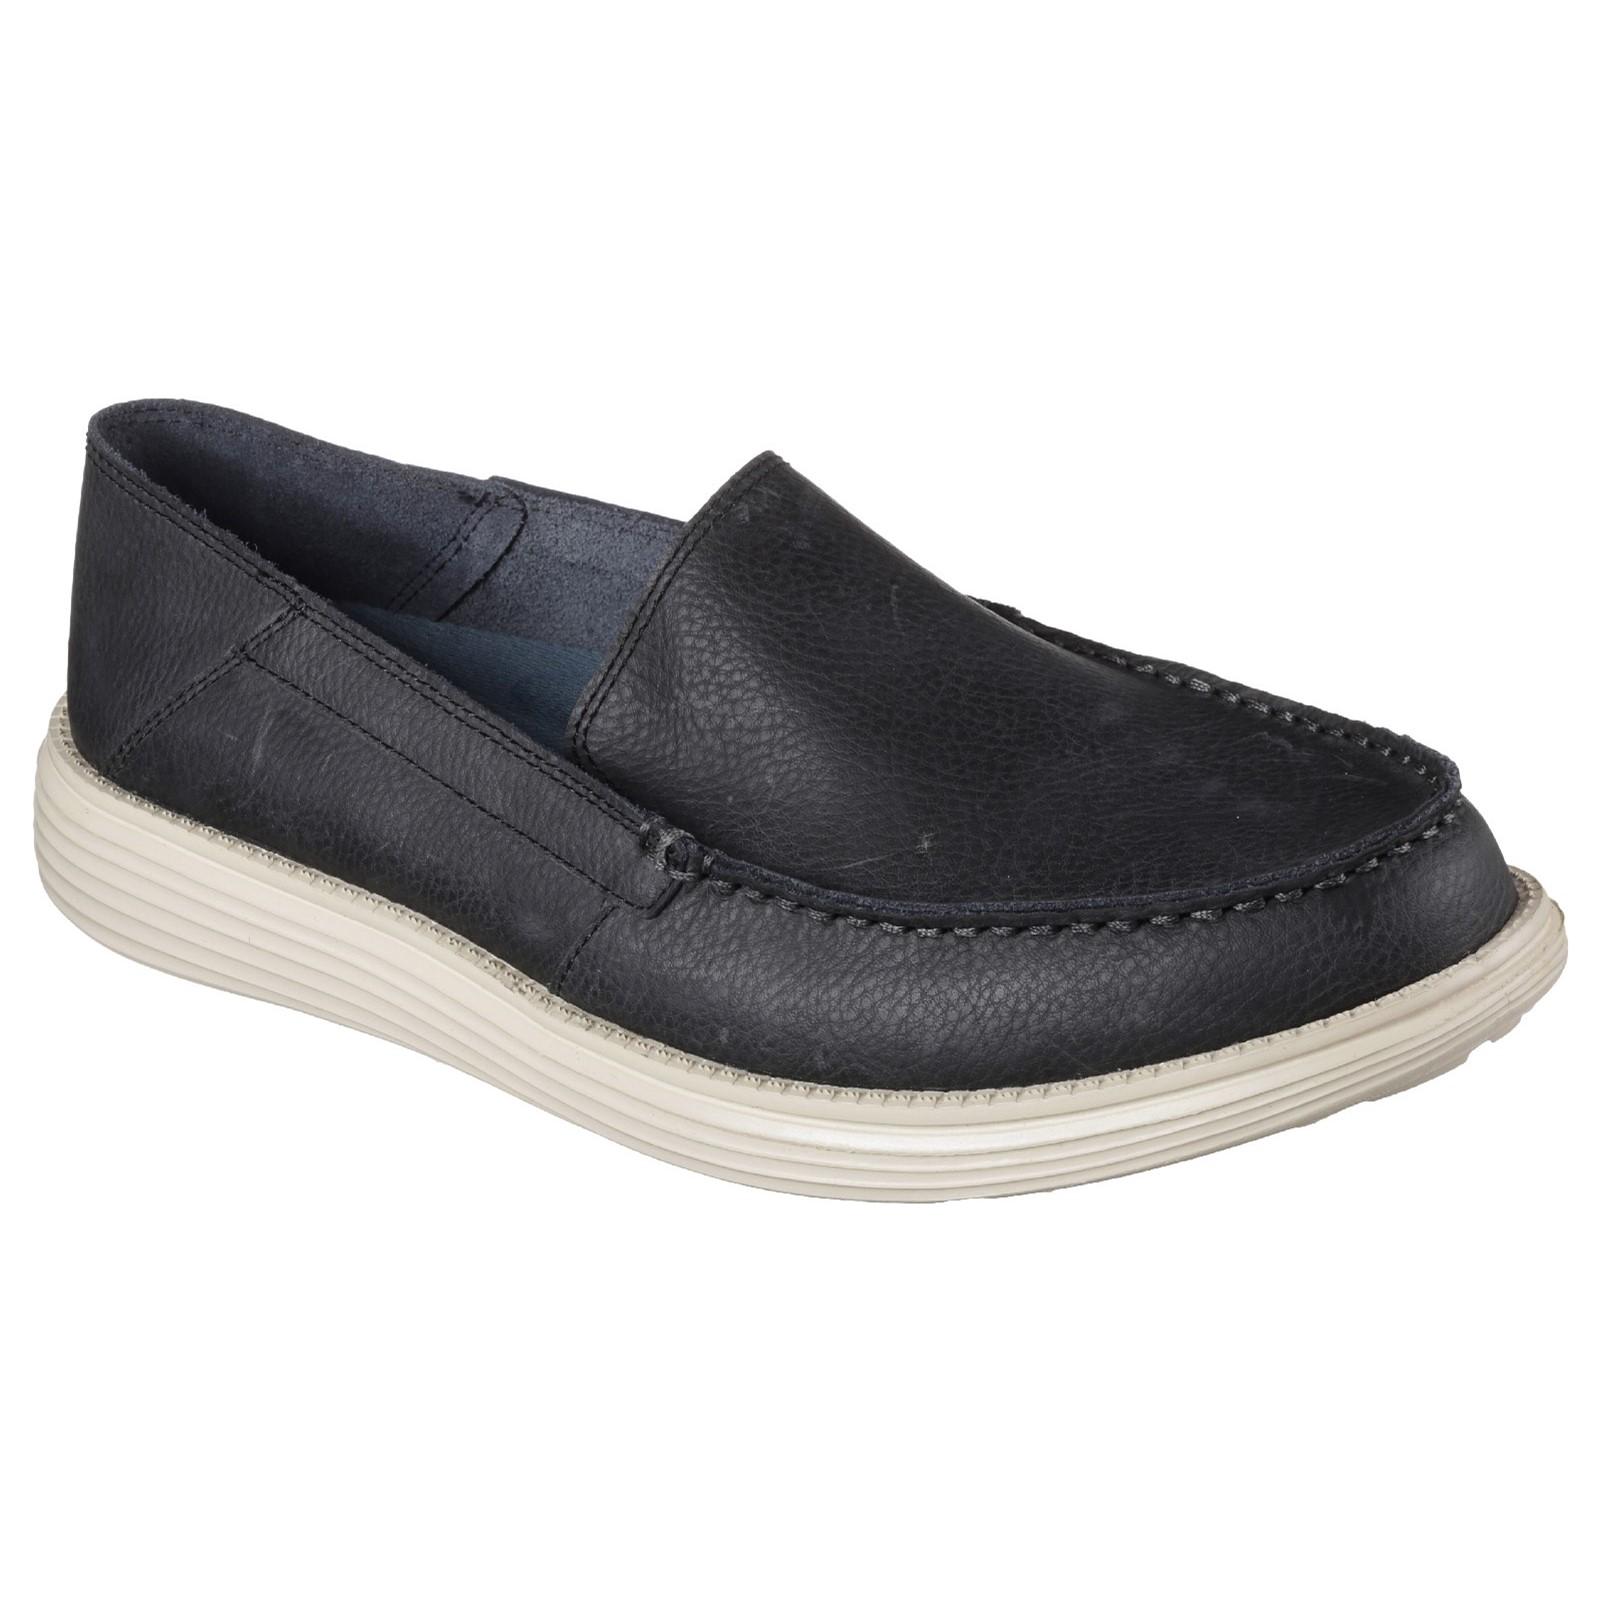 Skechers Mens Status Breson Slip-On shoes